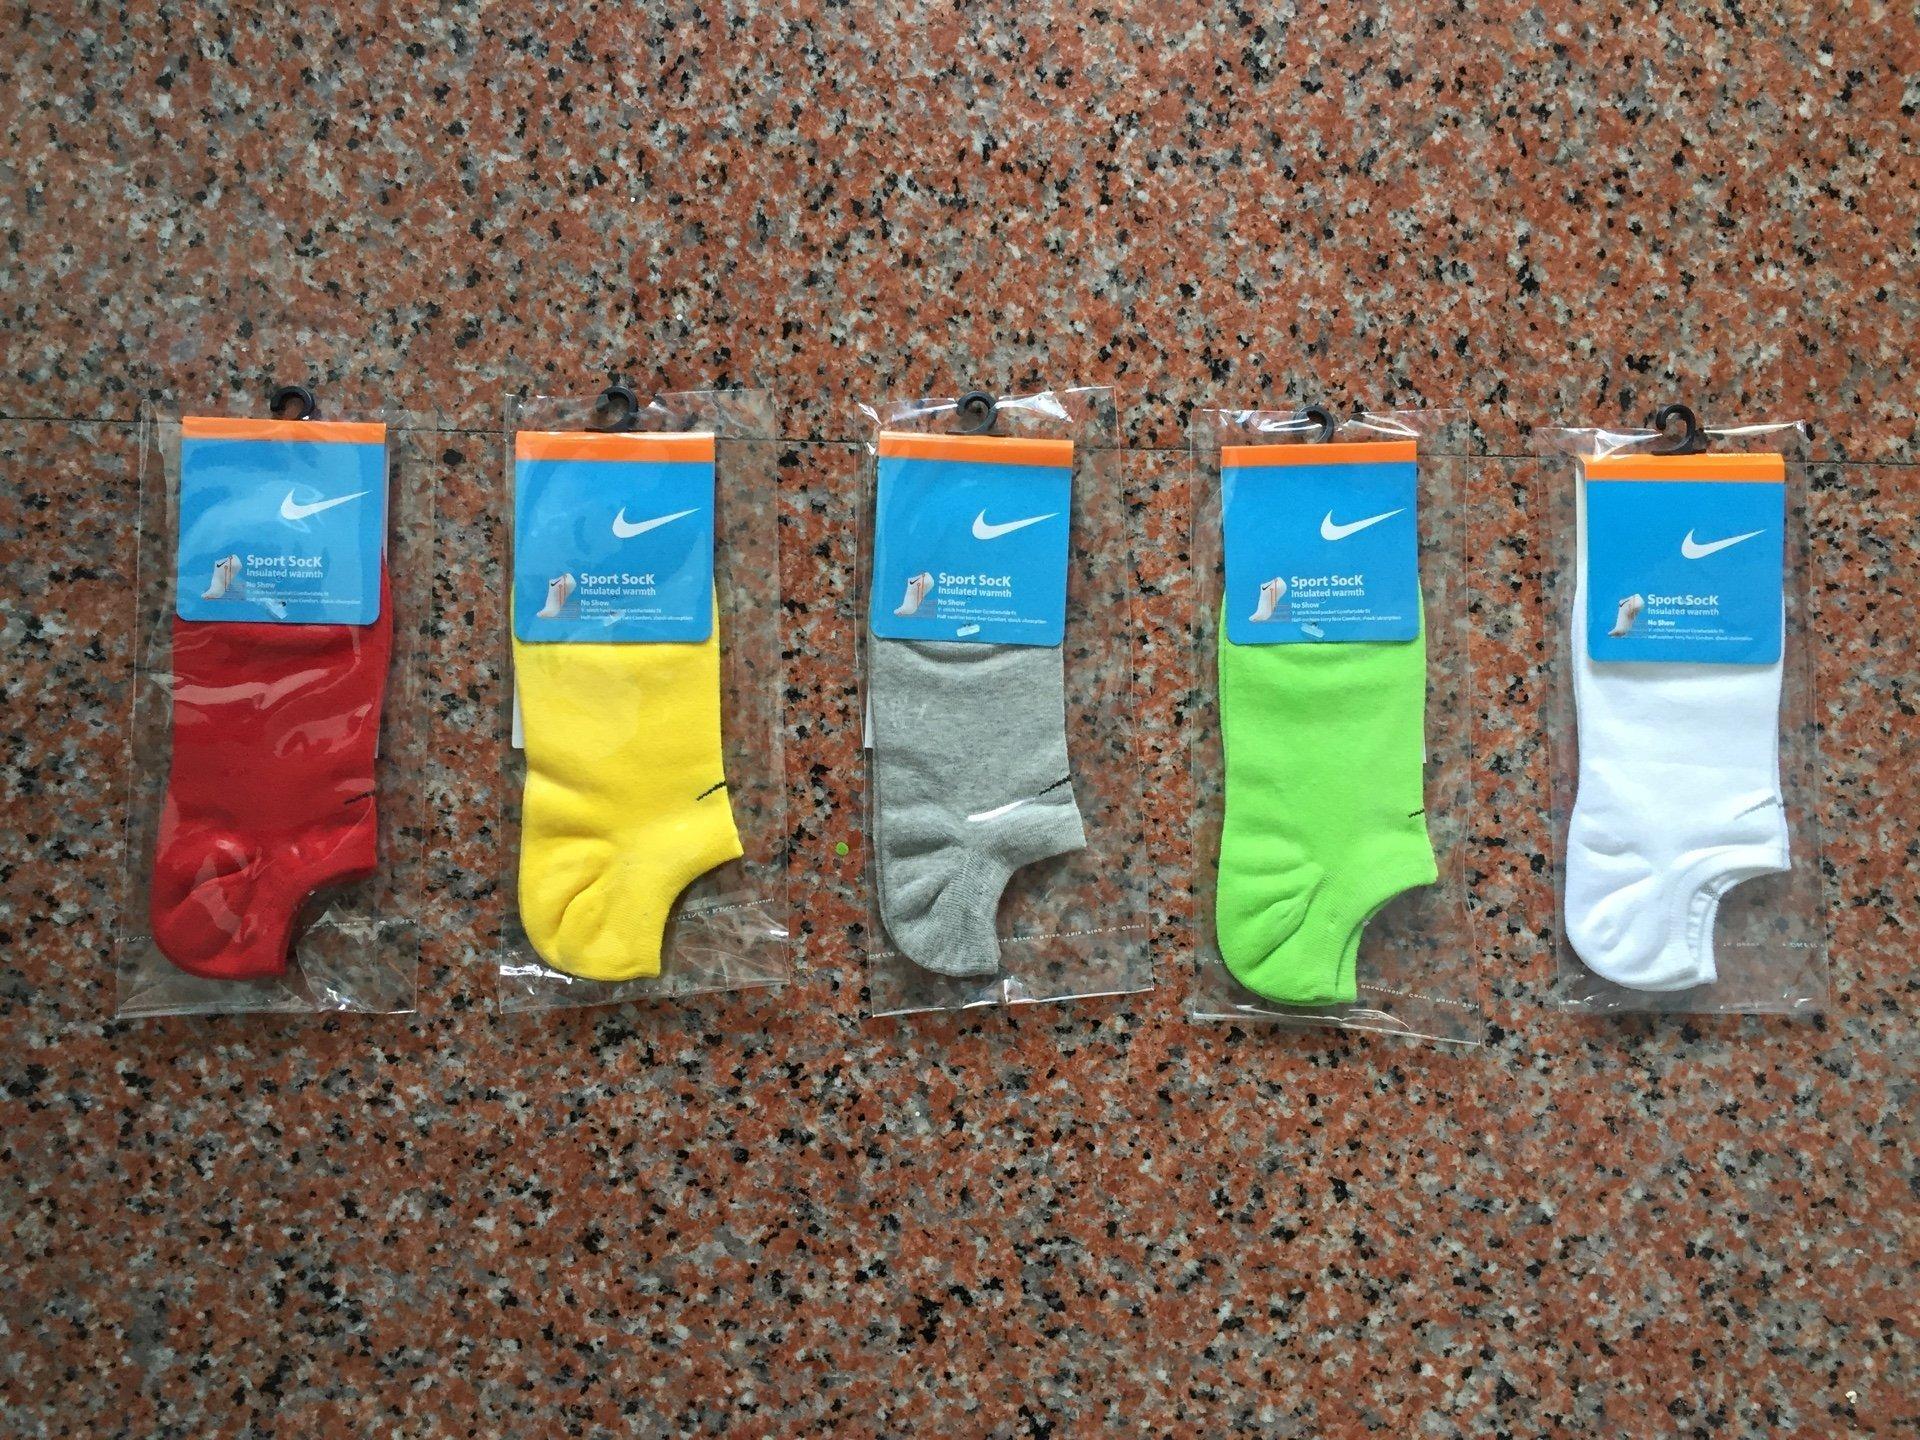 Nike襪 【素面款  春 薄款船襪 】【M號】【五色可選】【買10送1】【 】